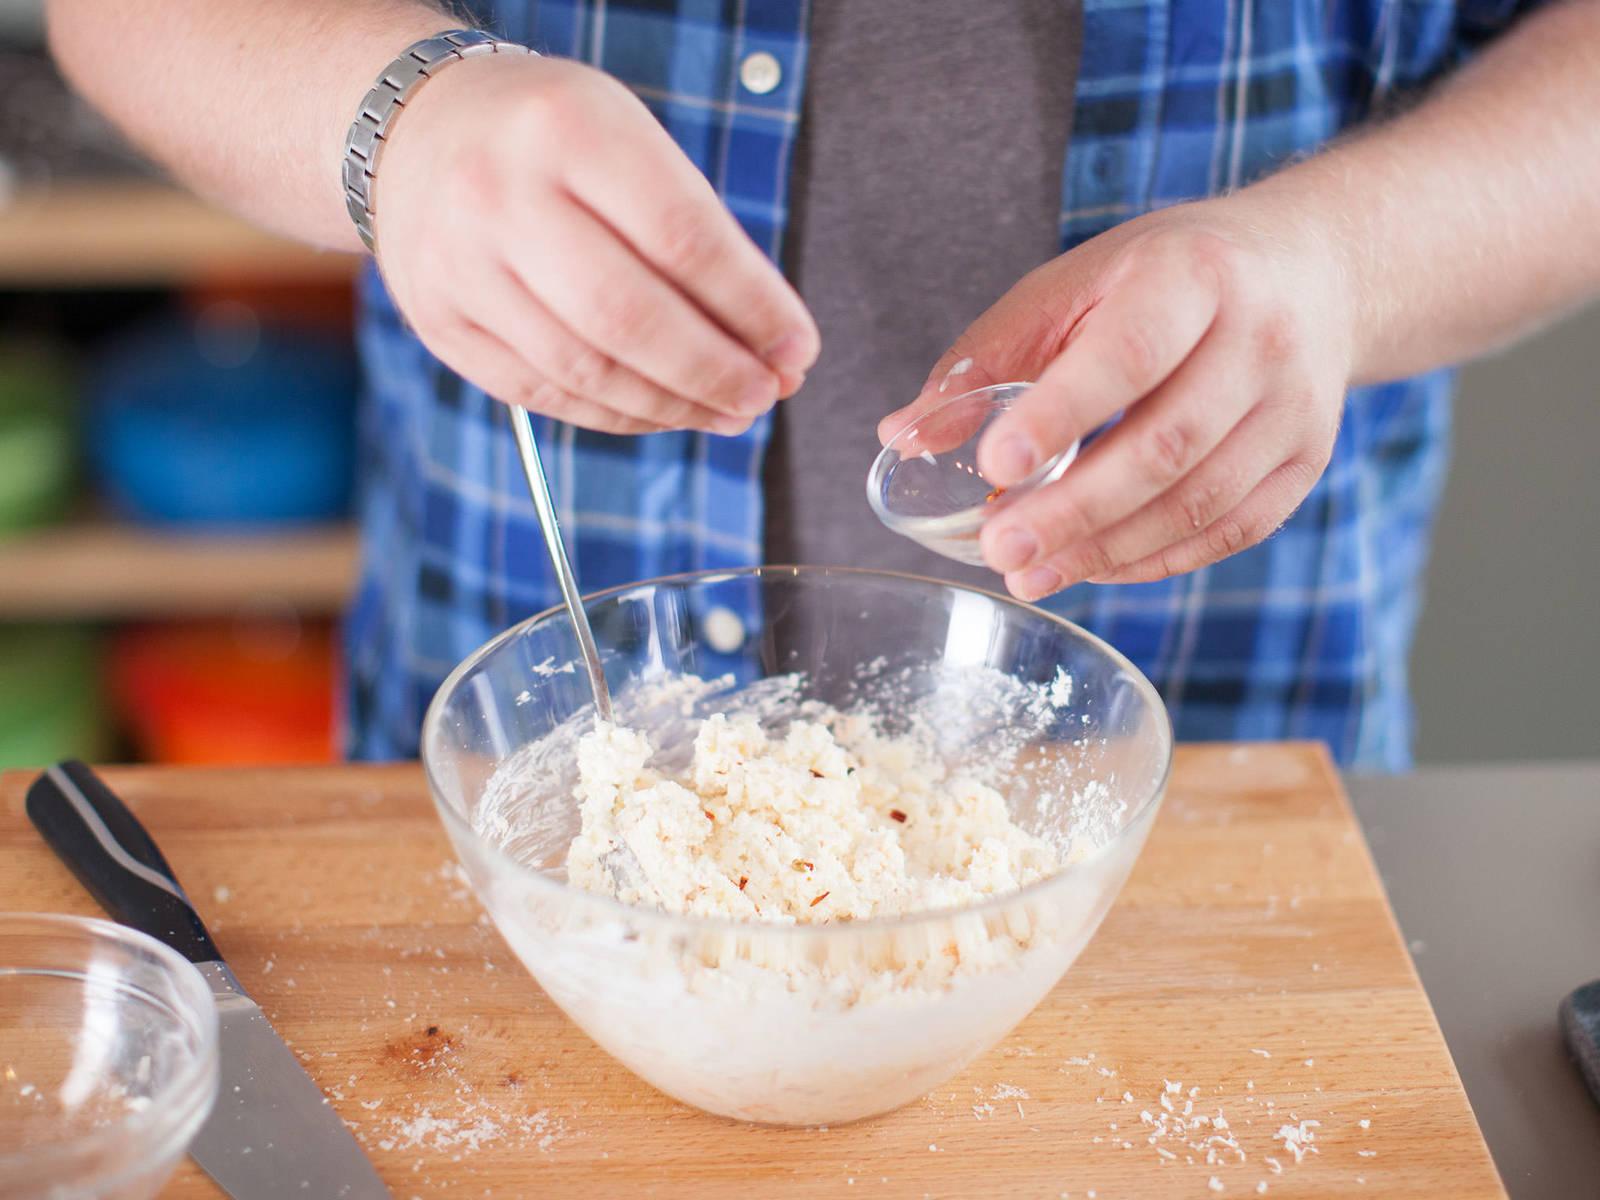 同时,将马苏里拉奶酪切成小块,将格律耶尔干酪和帕玛森干奶酪擦碎。将奶酪与酸奶油和盐混合。用胡椒、烟熏辣椒粉和肉豆蔻调味。静置备用。